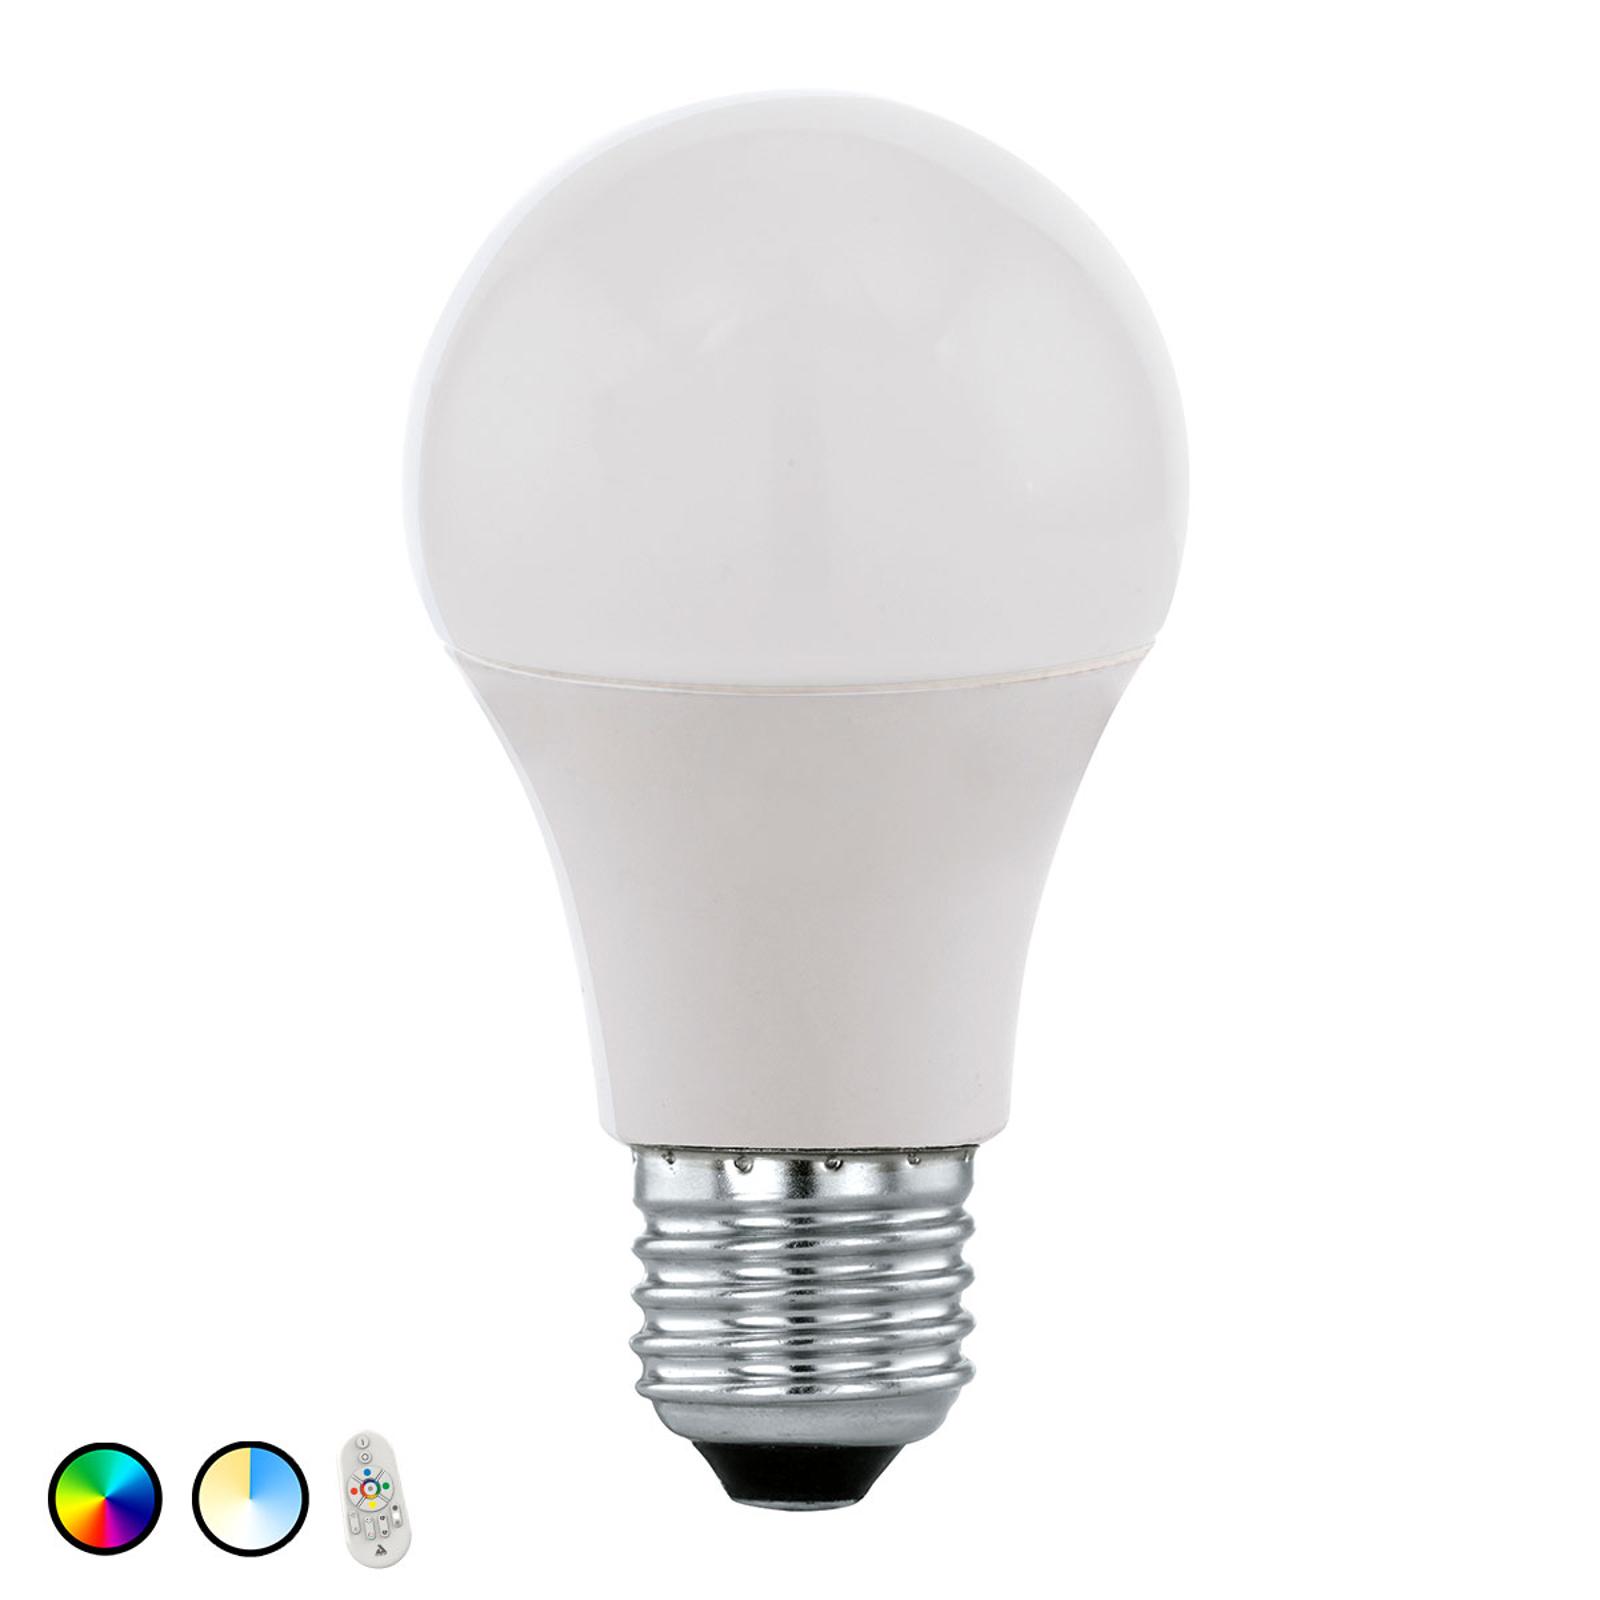 EGLO connect LED-pære E27 9W RGBTW fjernkontroll